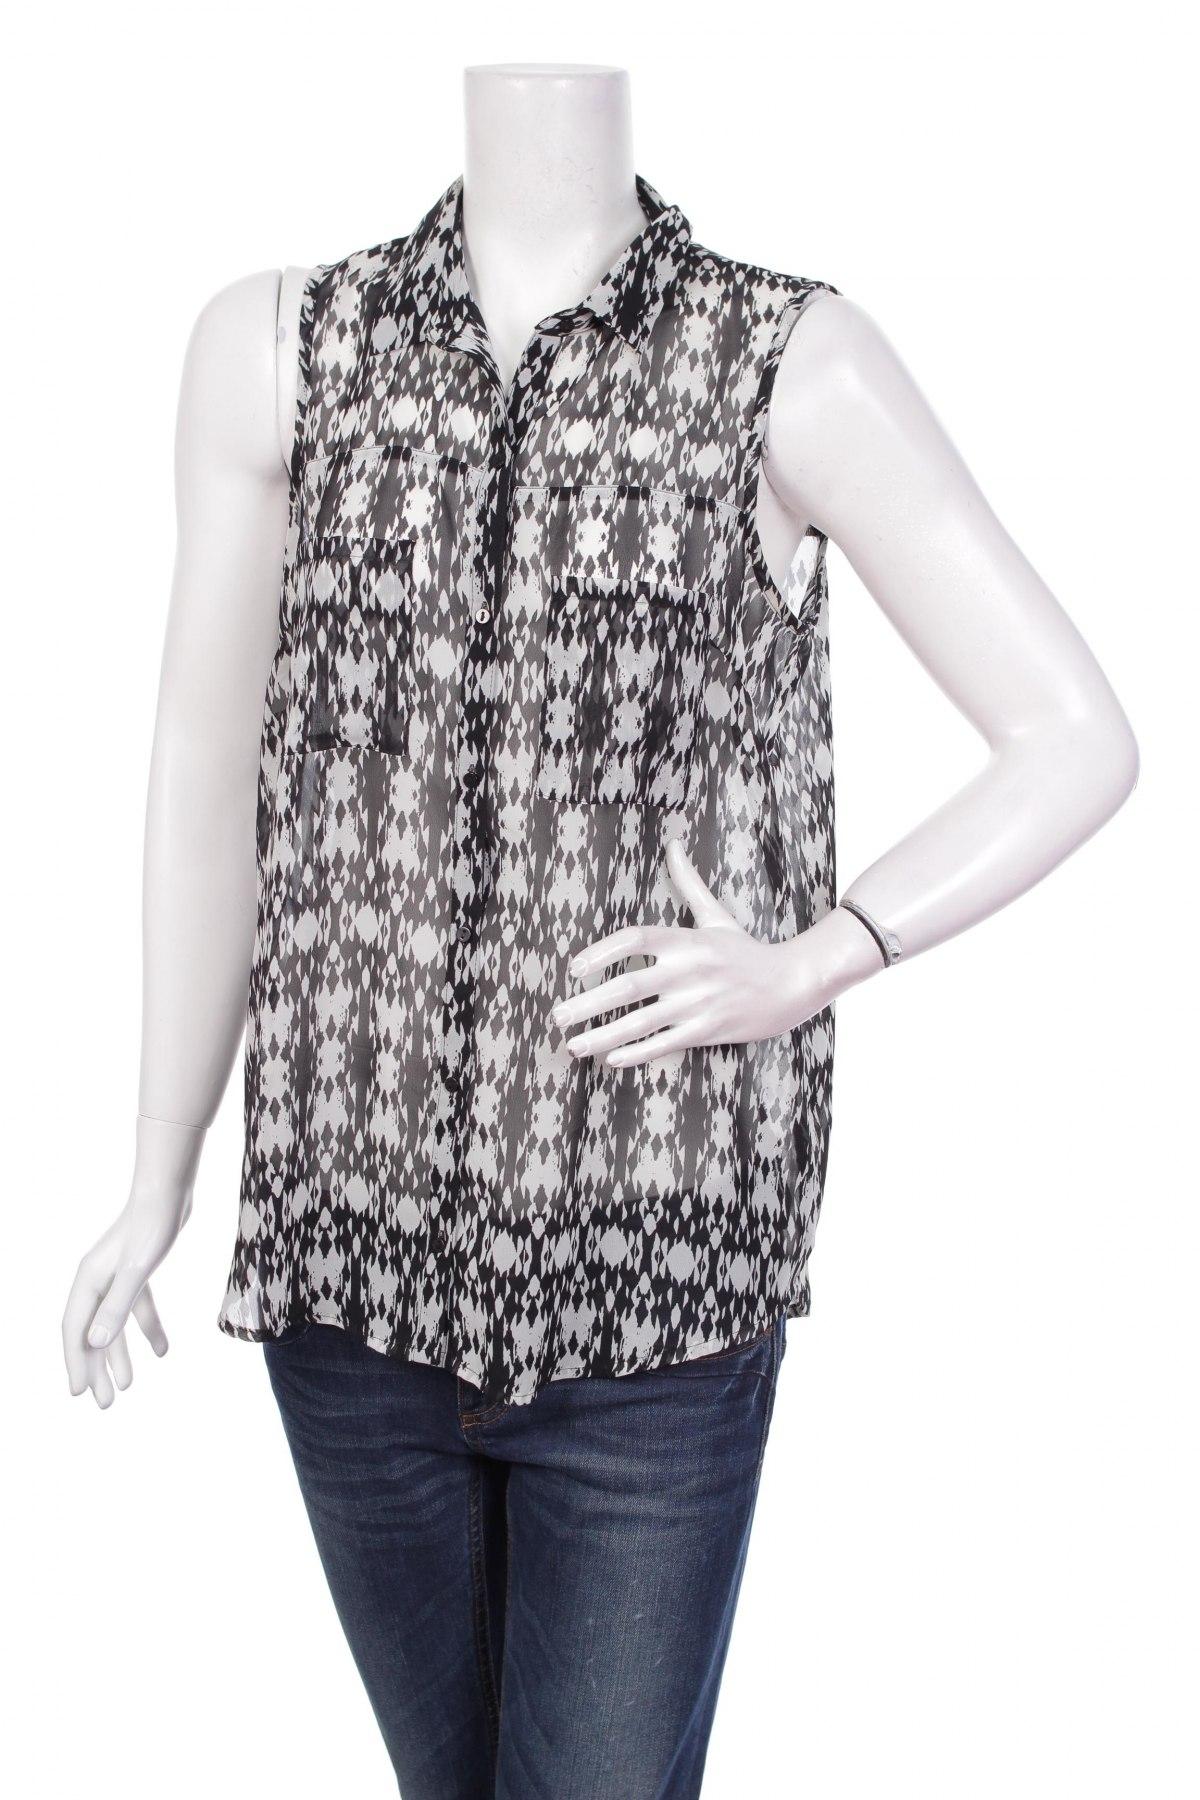 Γυναικείο πουκάμισο Pimkie, Μέγεθος L, Χρώμα Μαύρο, Τιμή 9,90€